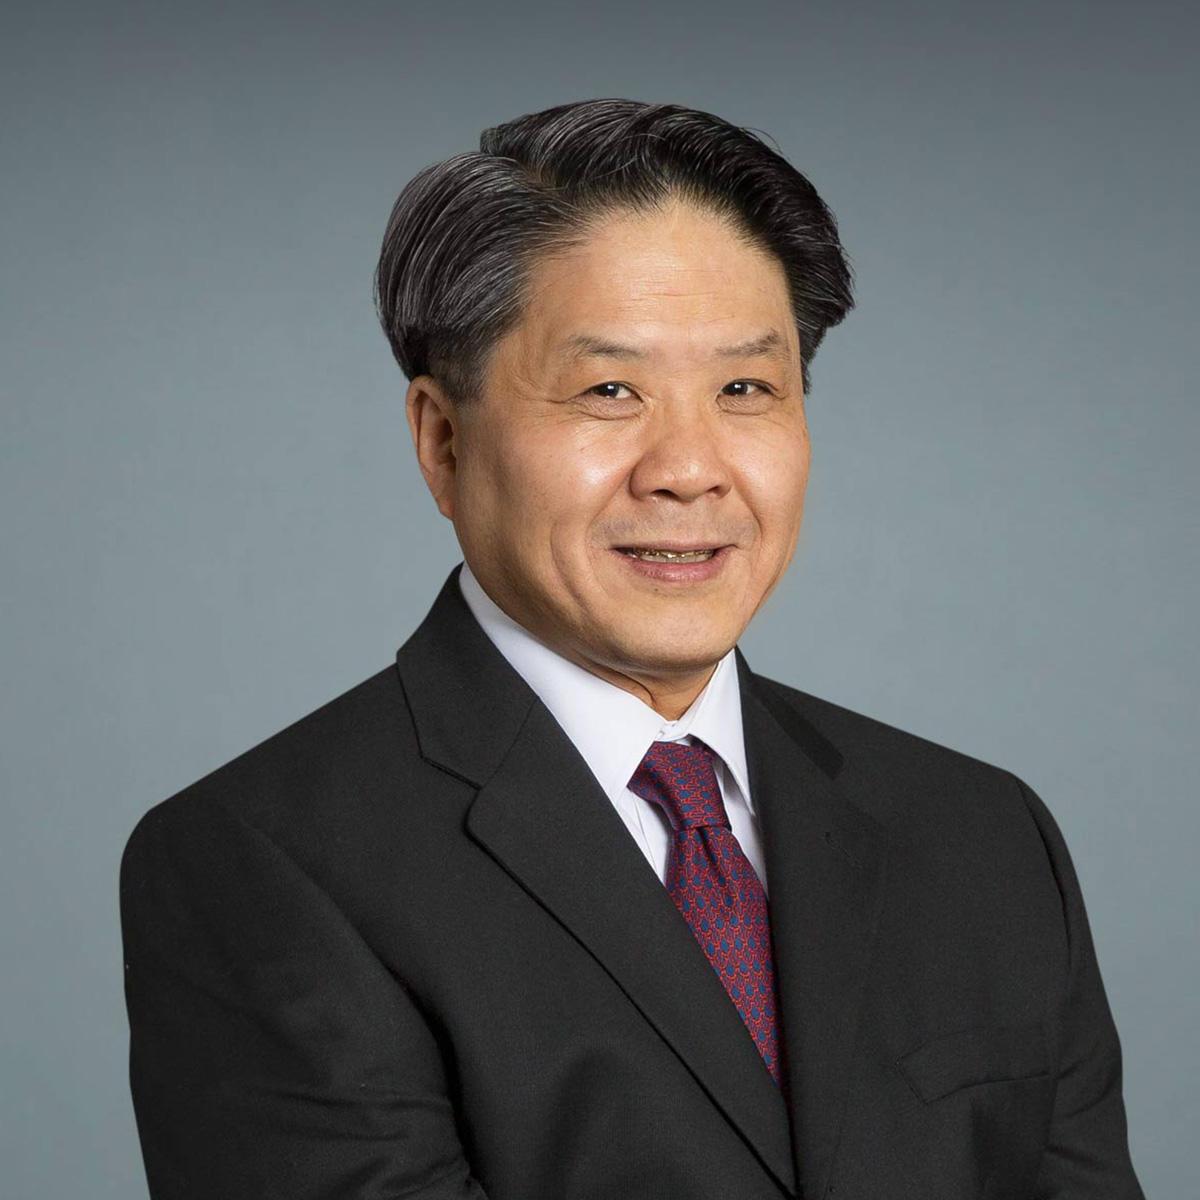 John Kit Wang